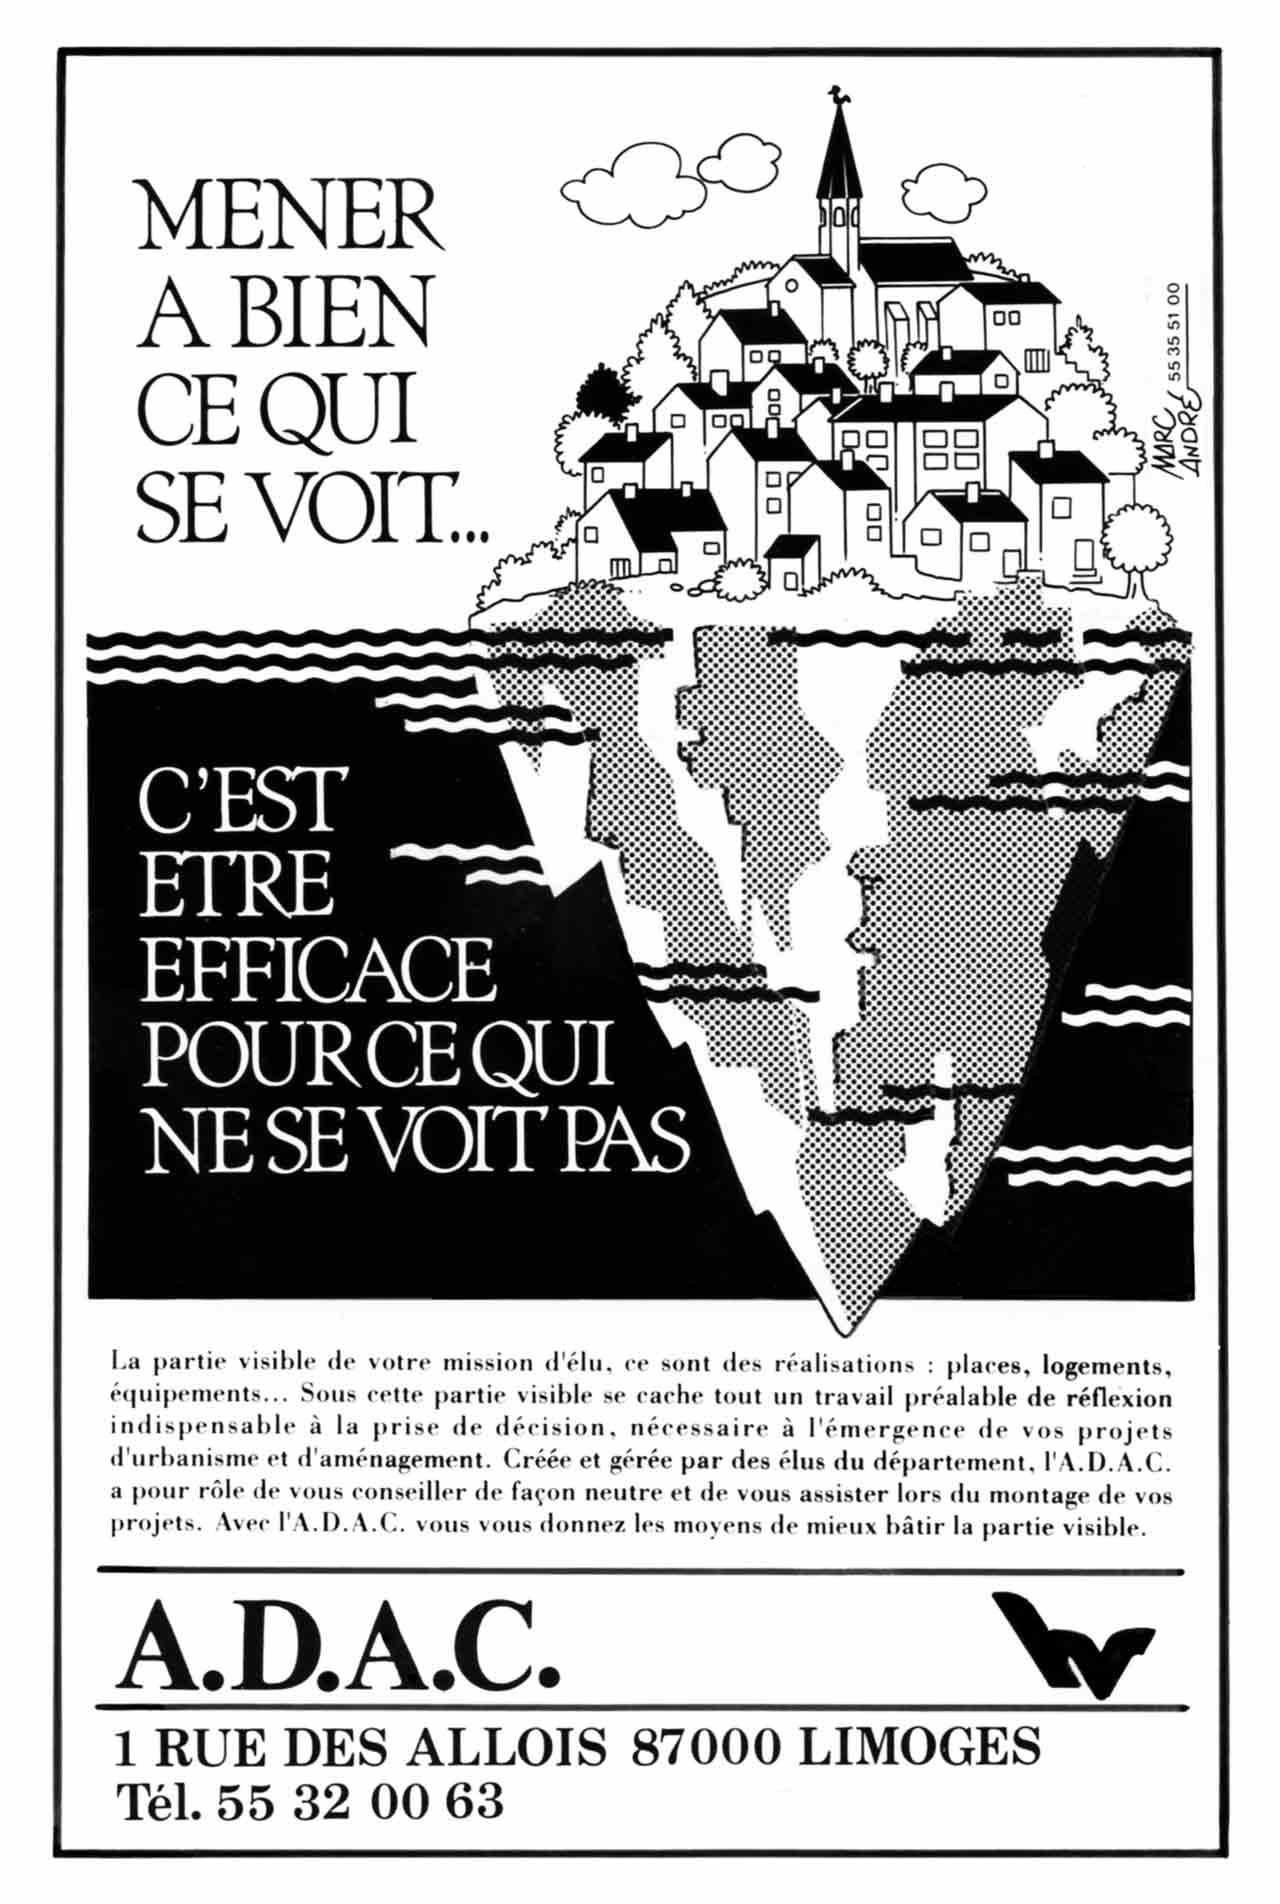 pavé pub ADAC 1991 - Marc-André BD Illustration Graphisme Limoges